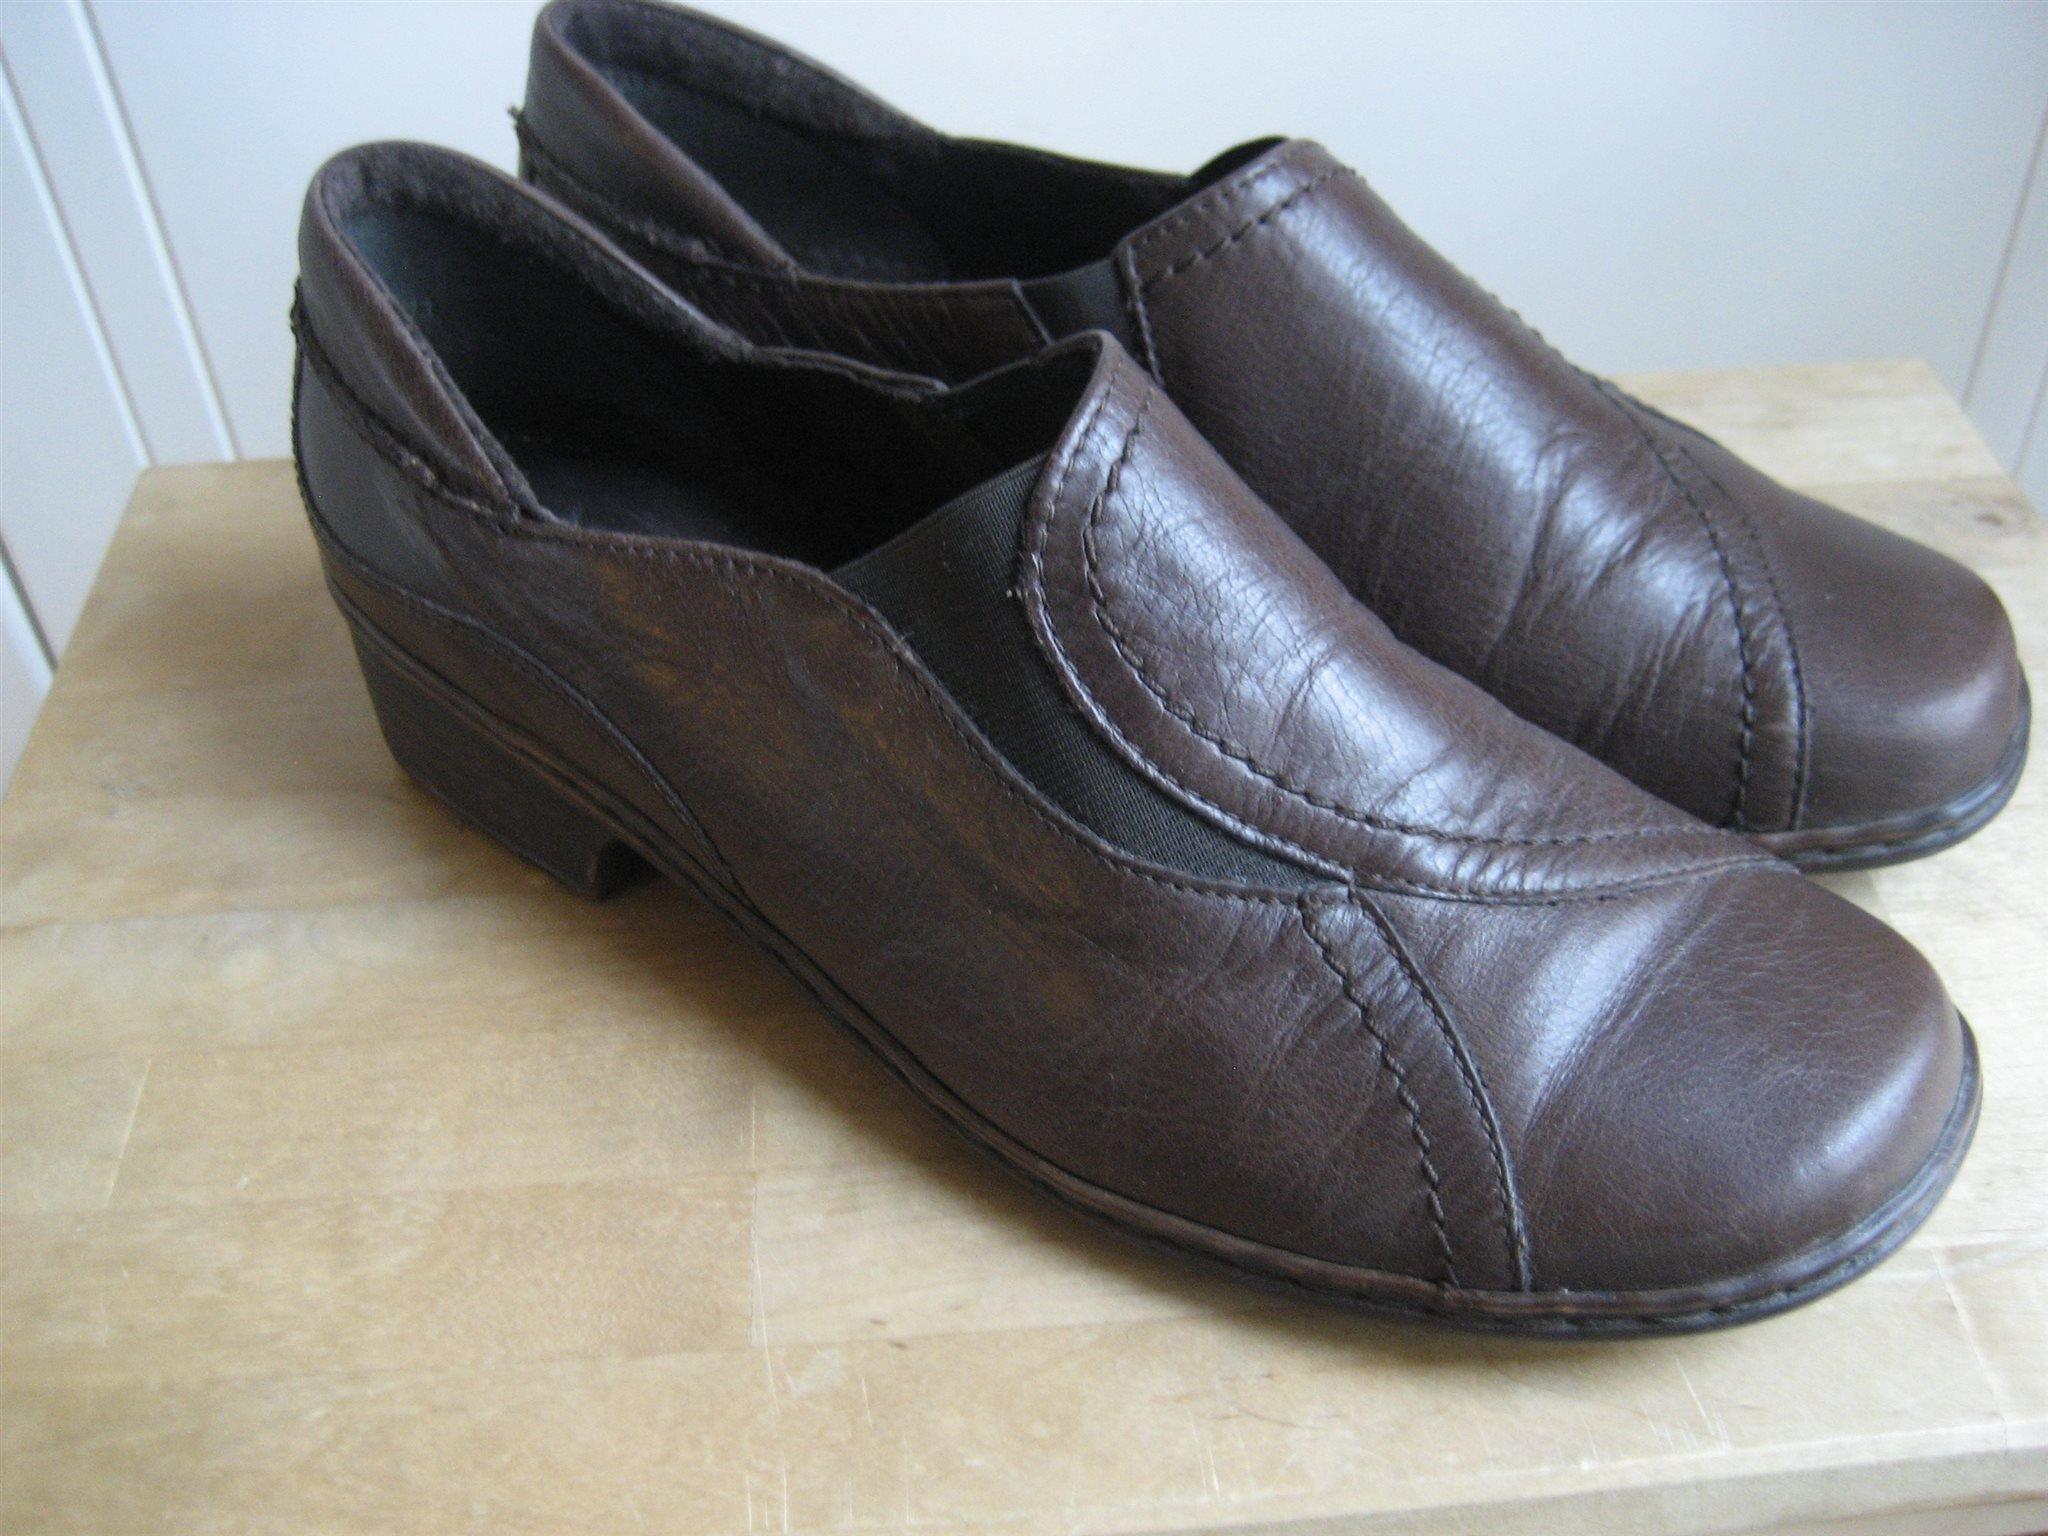 a3b743c9cbf Jenny by Ara bruna skor stl 38 H comfort äkta skinn slip on slip in ...